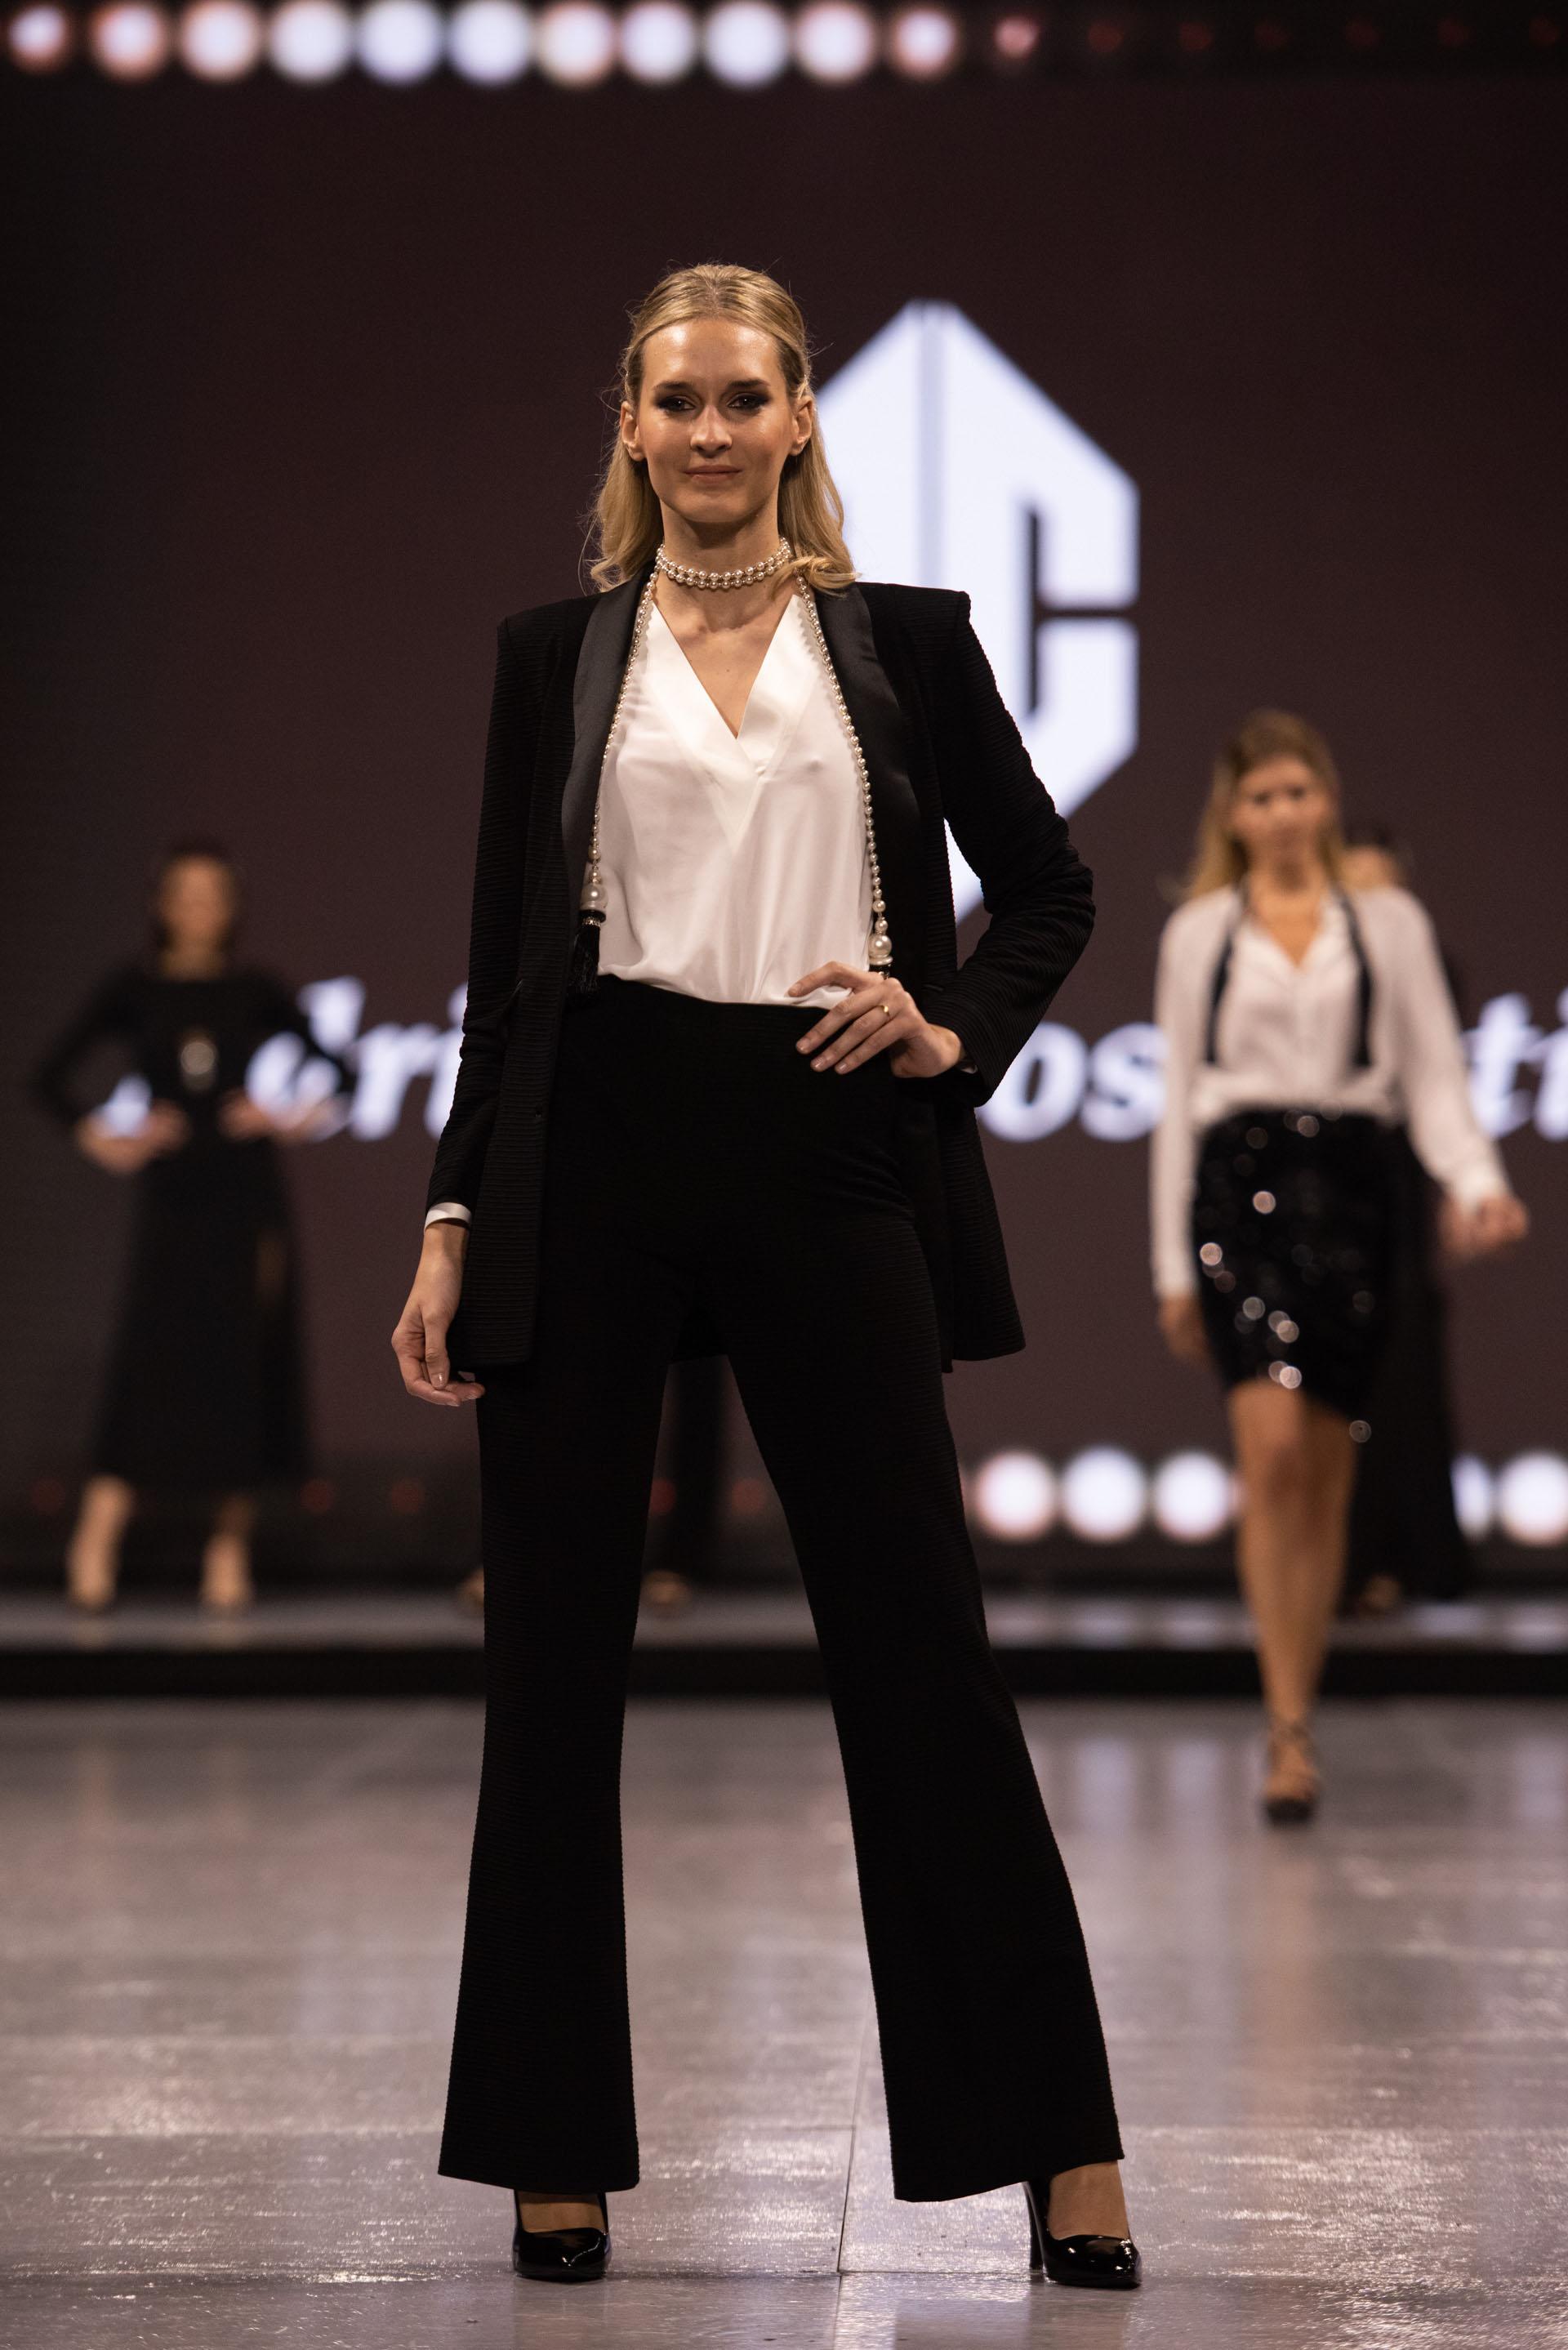 El estilo de sastrería impecable es un sello de la marca que busca vestir a mujeres con la mejor calidad. En este caso las chaquetas, los pantalones largos ylas blusas blancas fueron las prendas clásicas que se llevaron todas las miradas